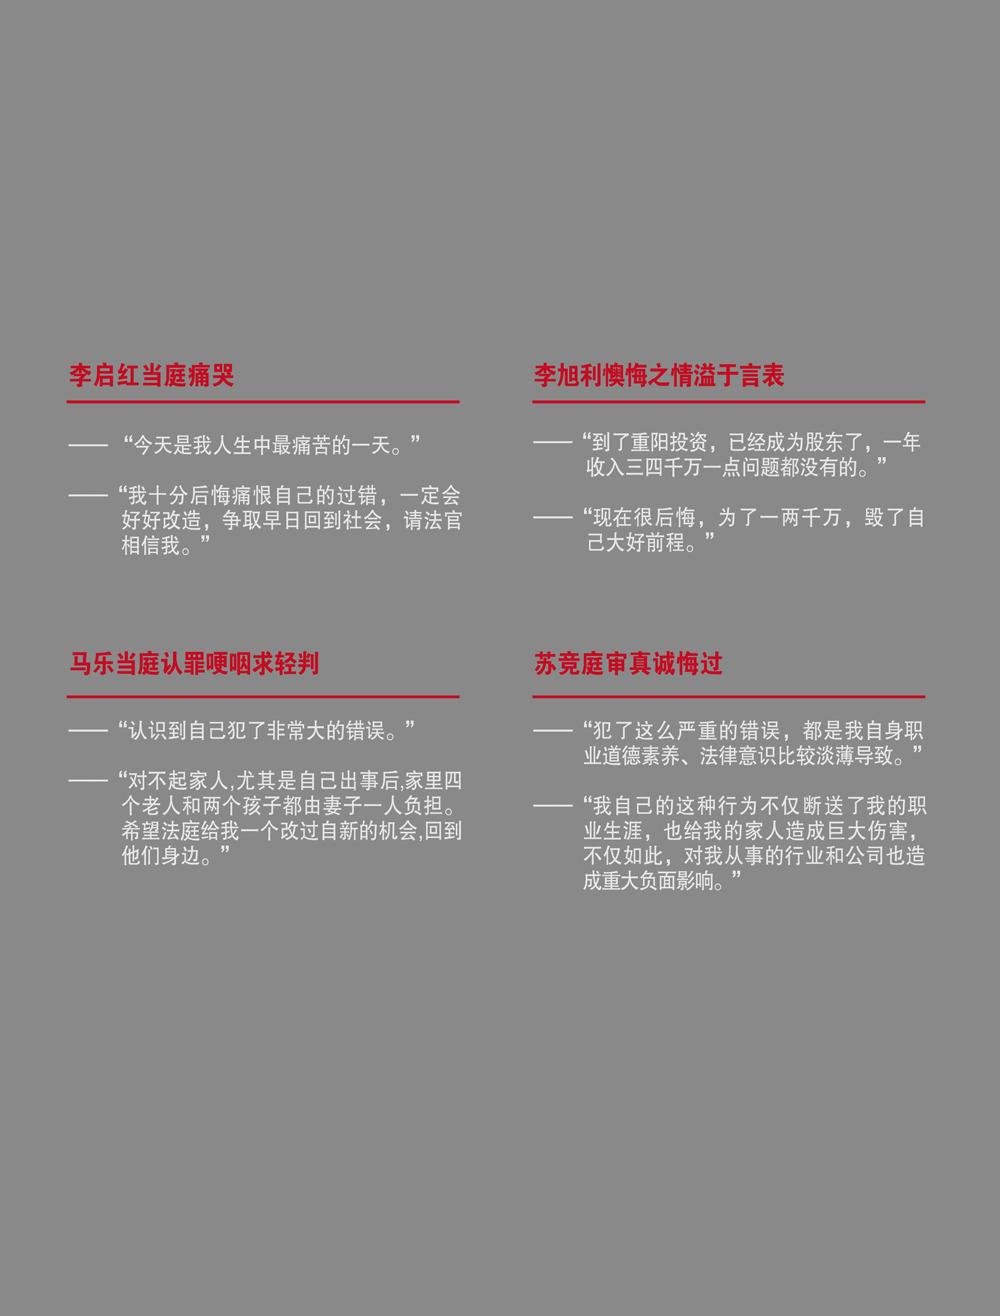 上海证监局内幕交易教育警示展51